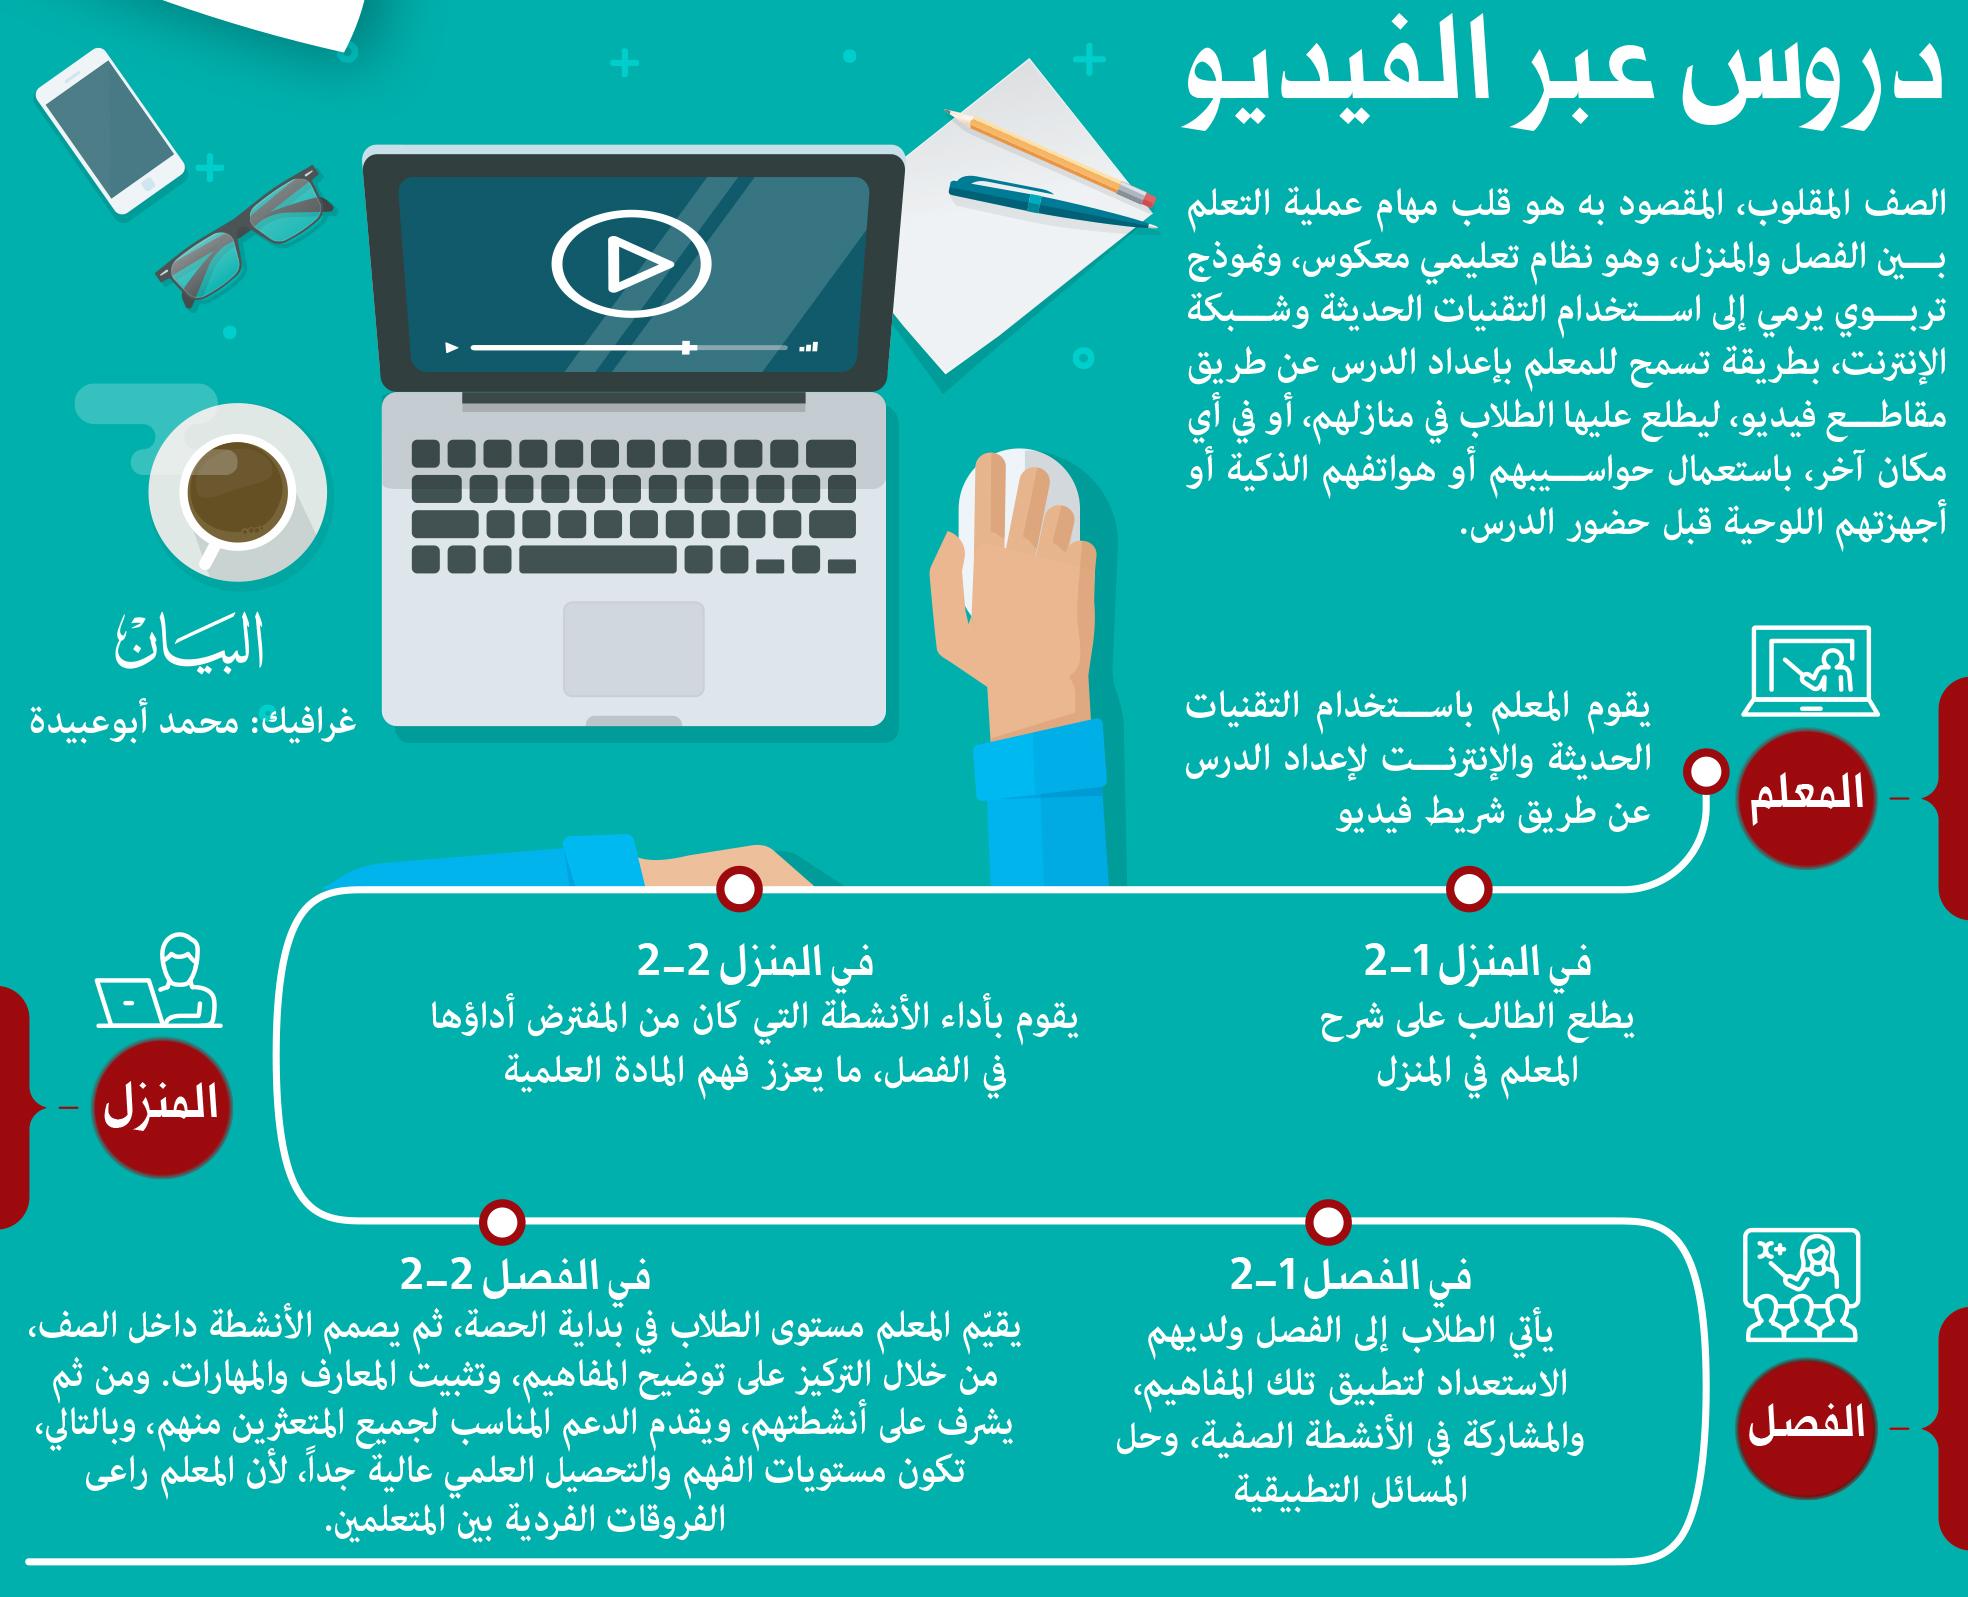 8 مرتكزات ترسم مستقبل التـعليم في الإمارات عبر الإمارات تعليم البيان